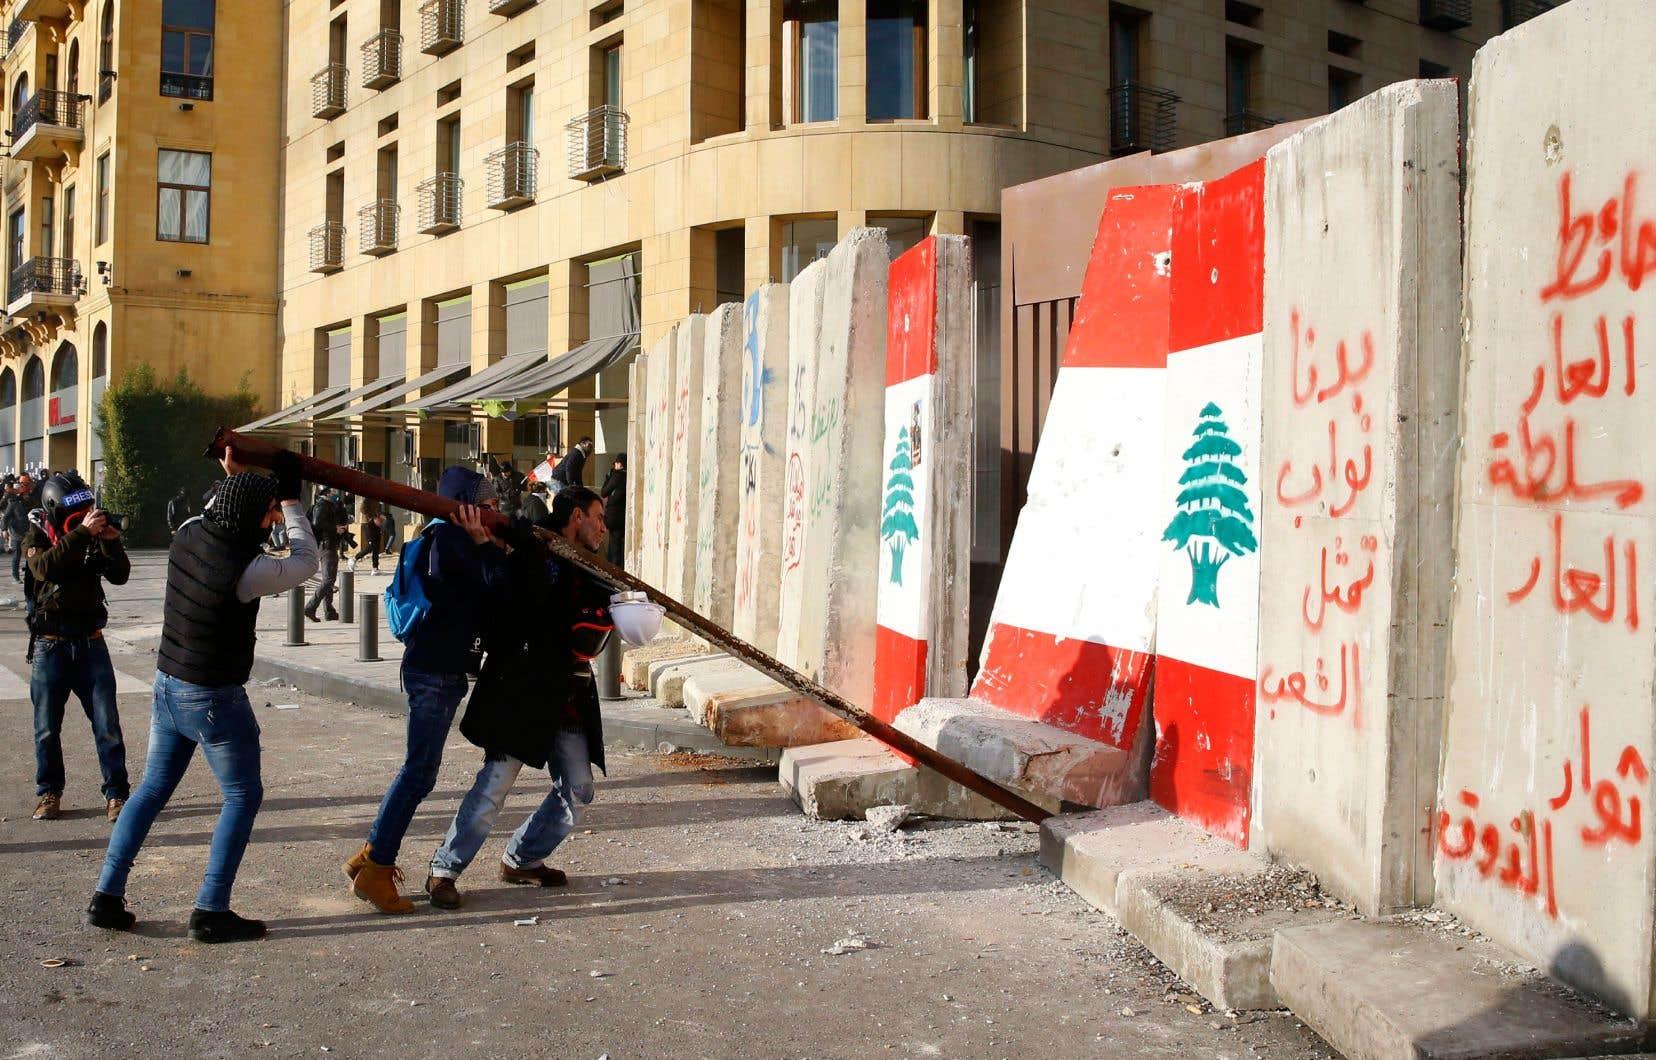 «Comment rallier la grande majorité des Libanais, lassés du pactole entre les élites communautaires?» demande l'auteur.